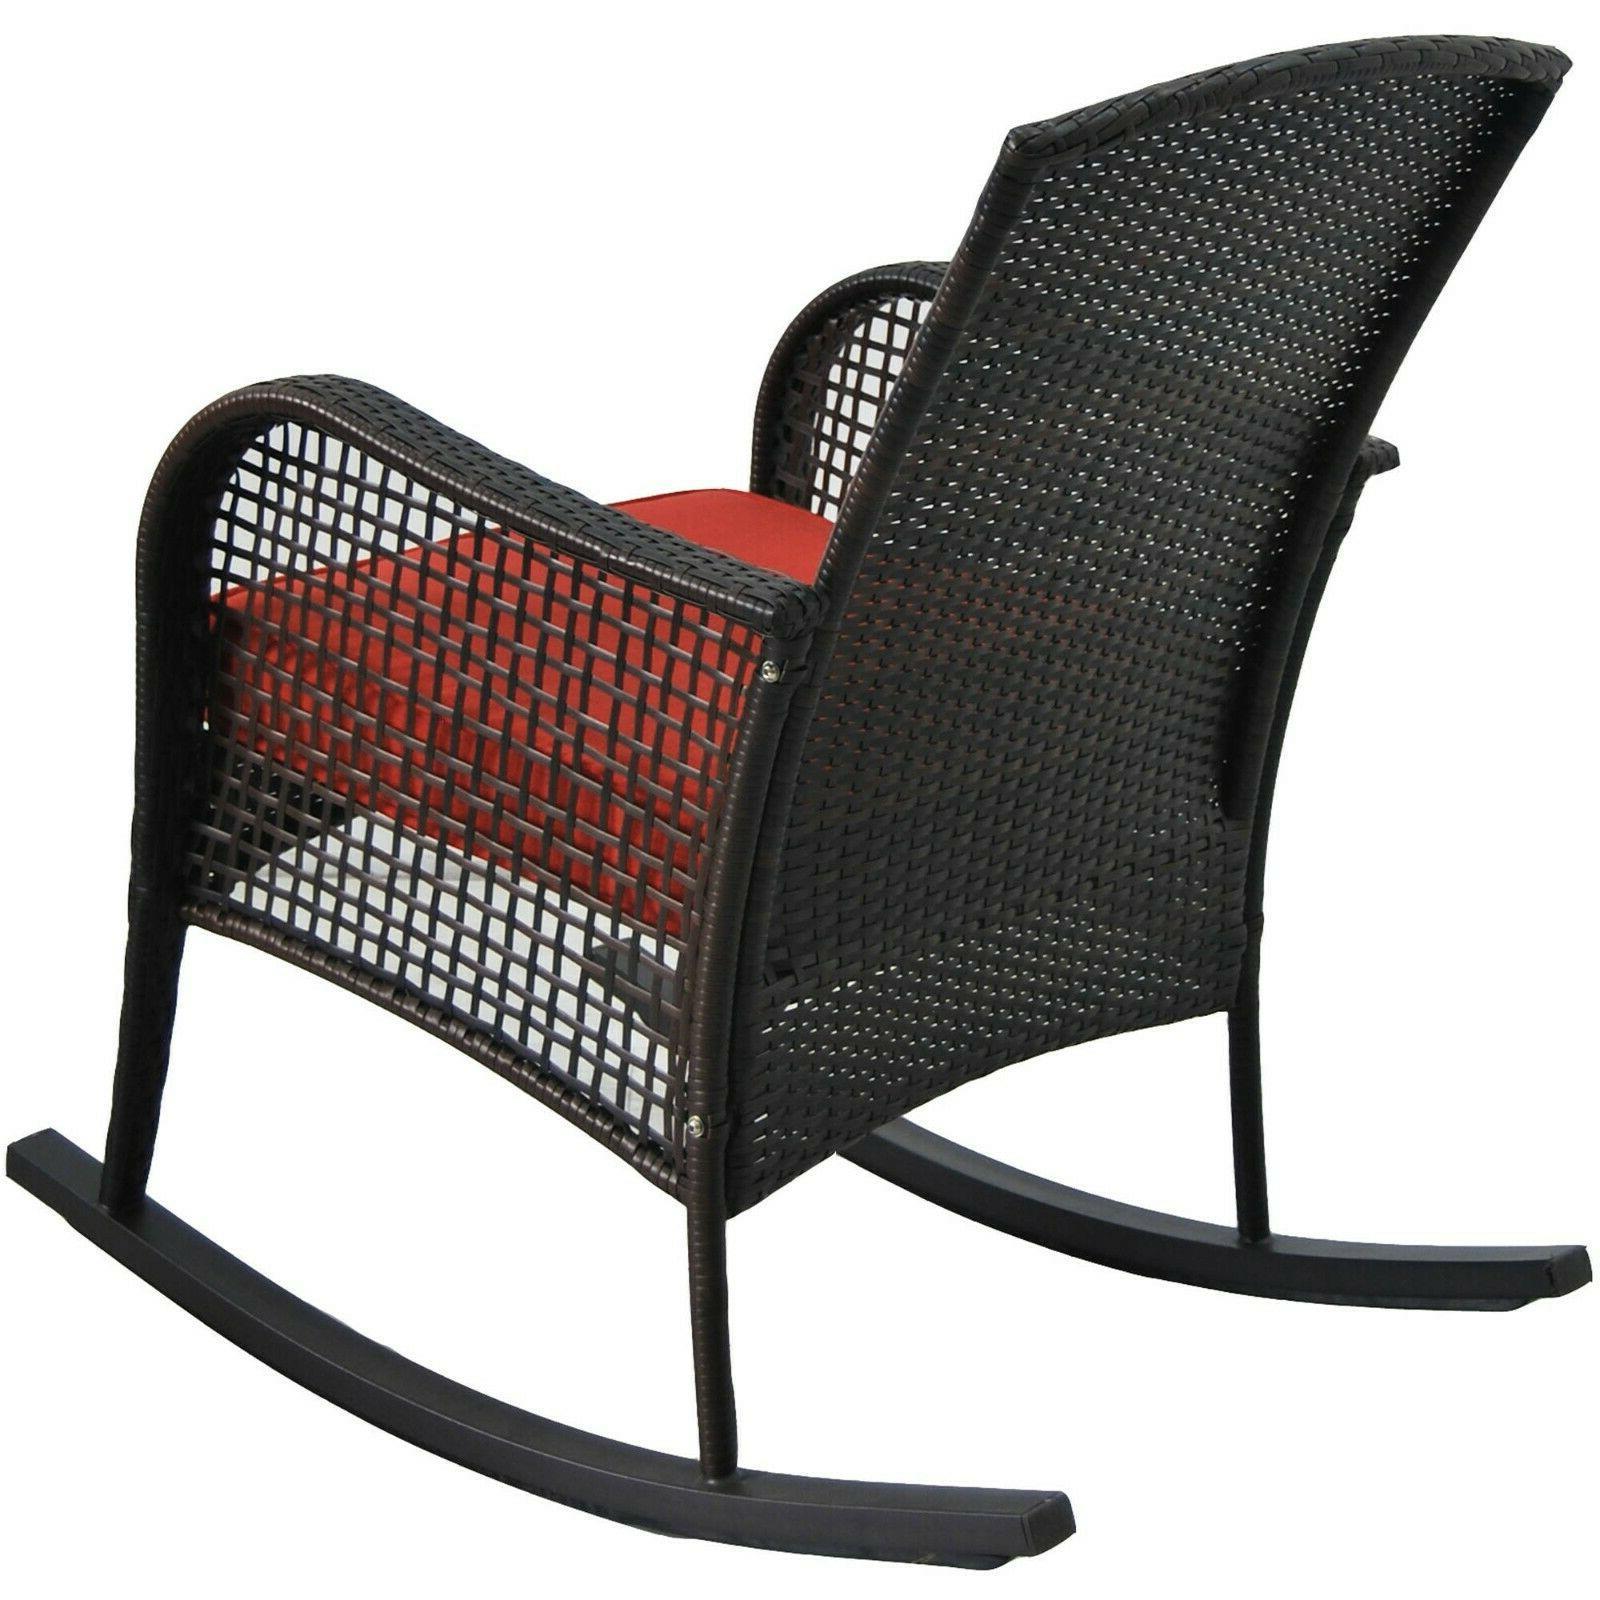 Outdoor W/ Cushion Chair